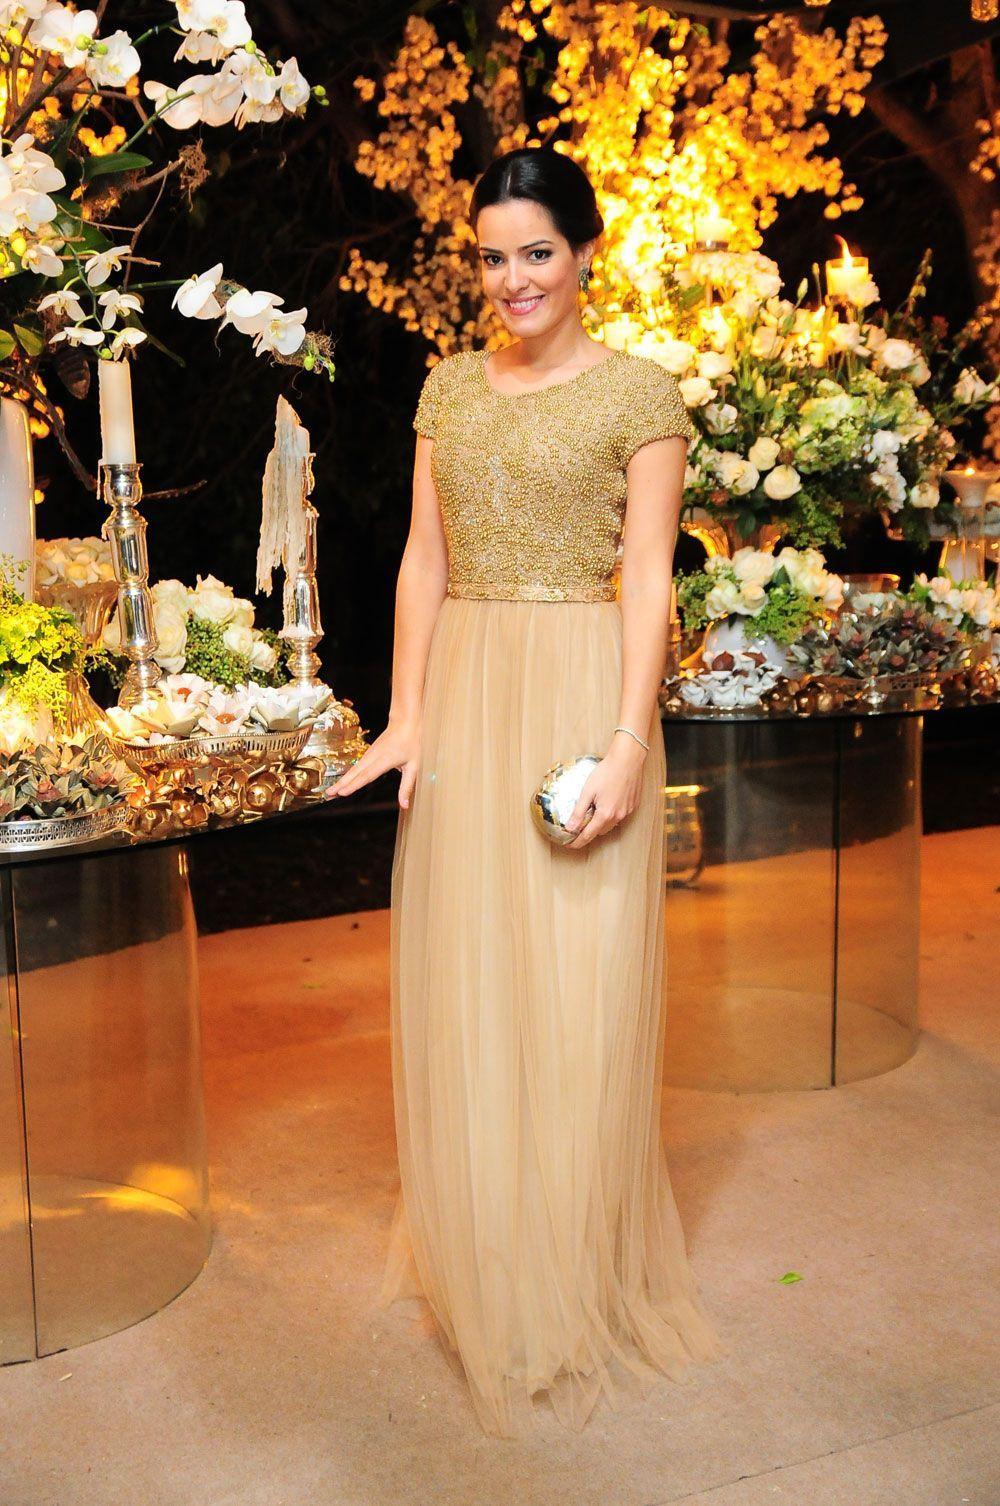 """Foto: Reprodução / <a href=""""http://www.blogdamariah.com.br/index.php/2012/05/look-do-dia-casamento-2/"""" target=""""_blank"""">Blog da Mariah</a>"""